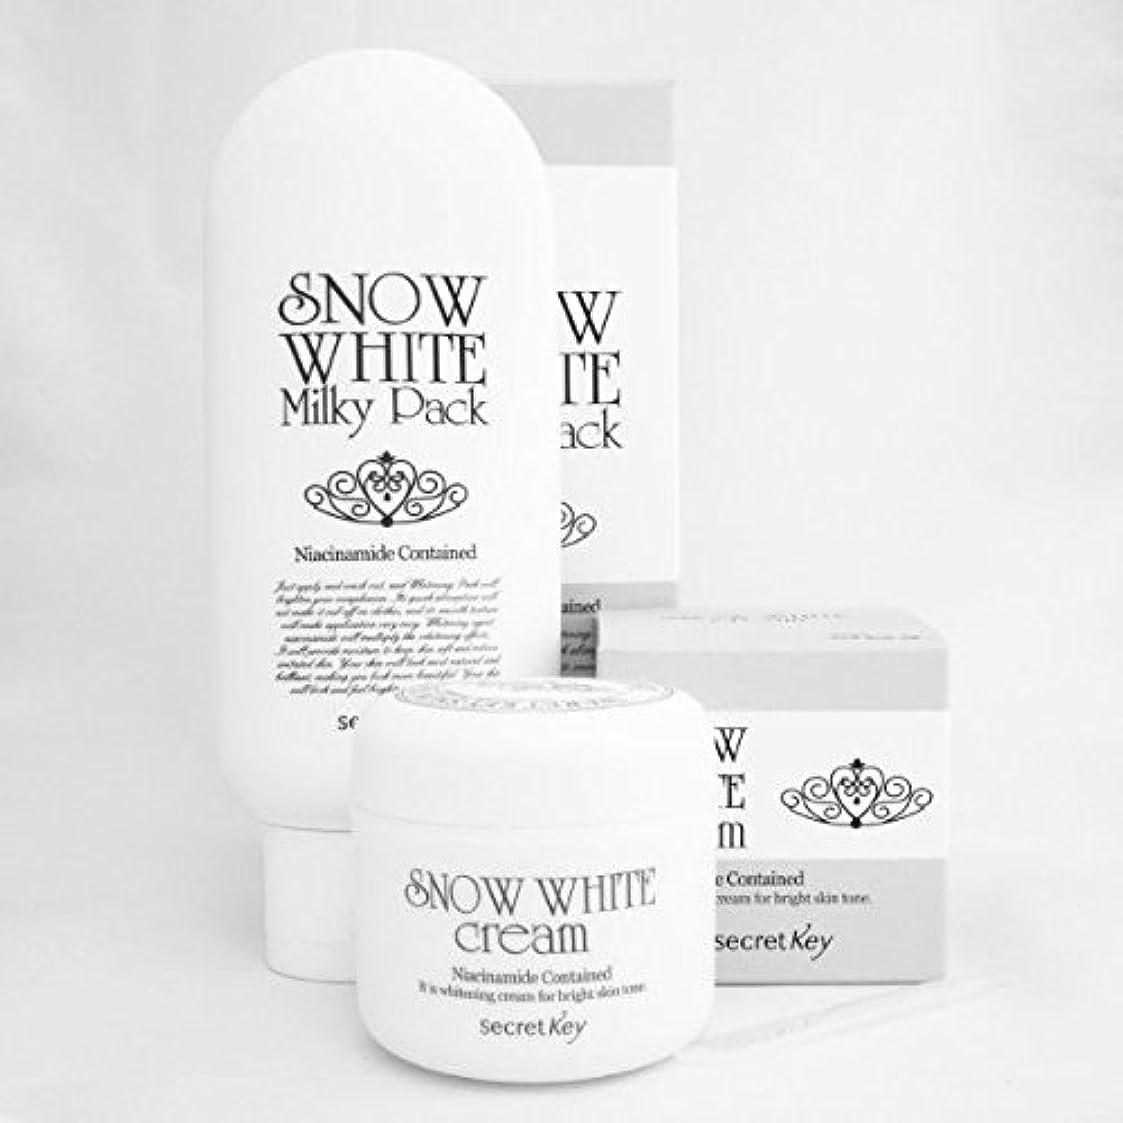 水銀のかける故障中Secret key シークレッドキー スノー・ホワイト・ミルキー・パック 200g (Snow White Milky Pack)/シークレットキー スノーホワイト クリーム(Snow White Cream 50g) (SW Set(Milky Pack 200g + Cream 50g)) [並行輸入品]